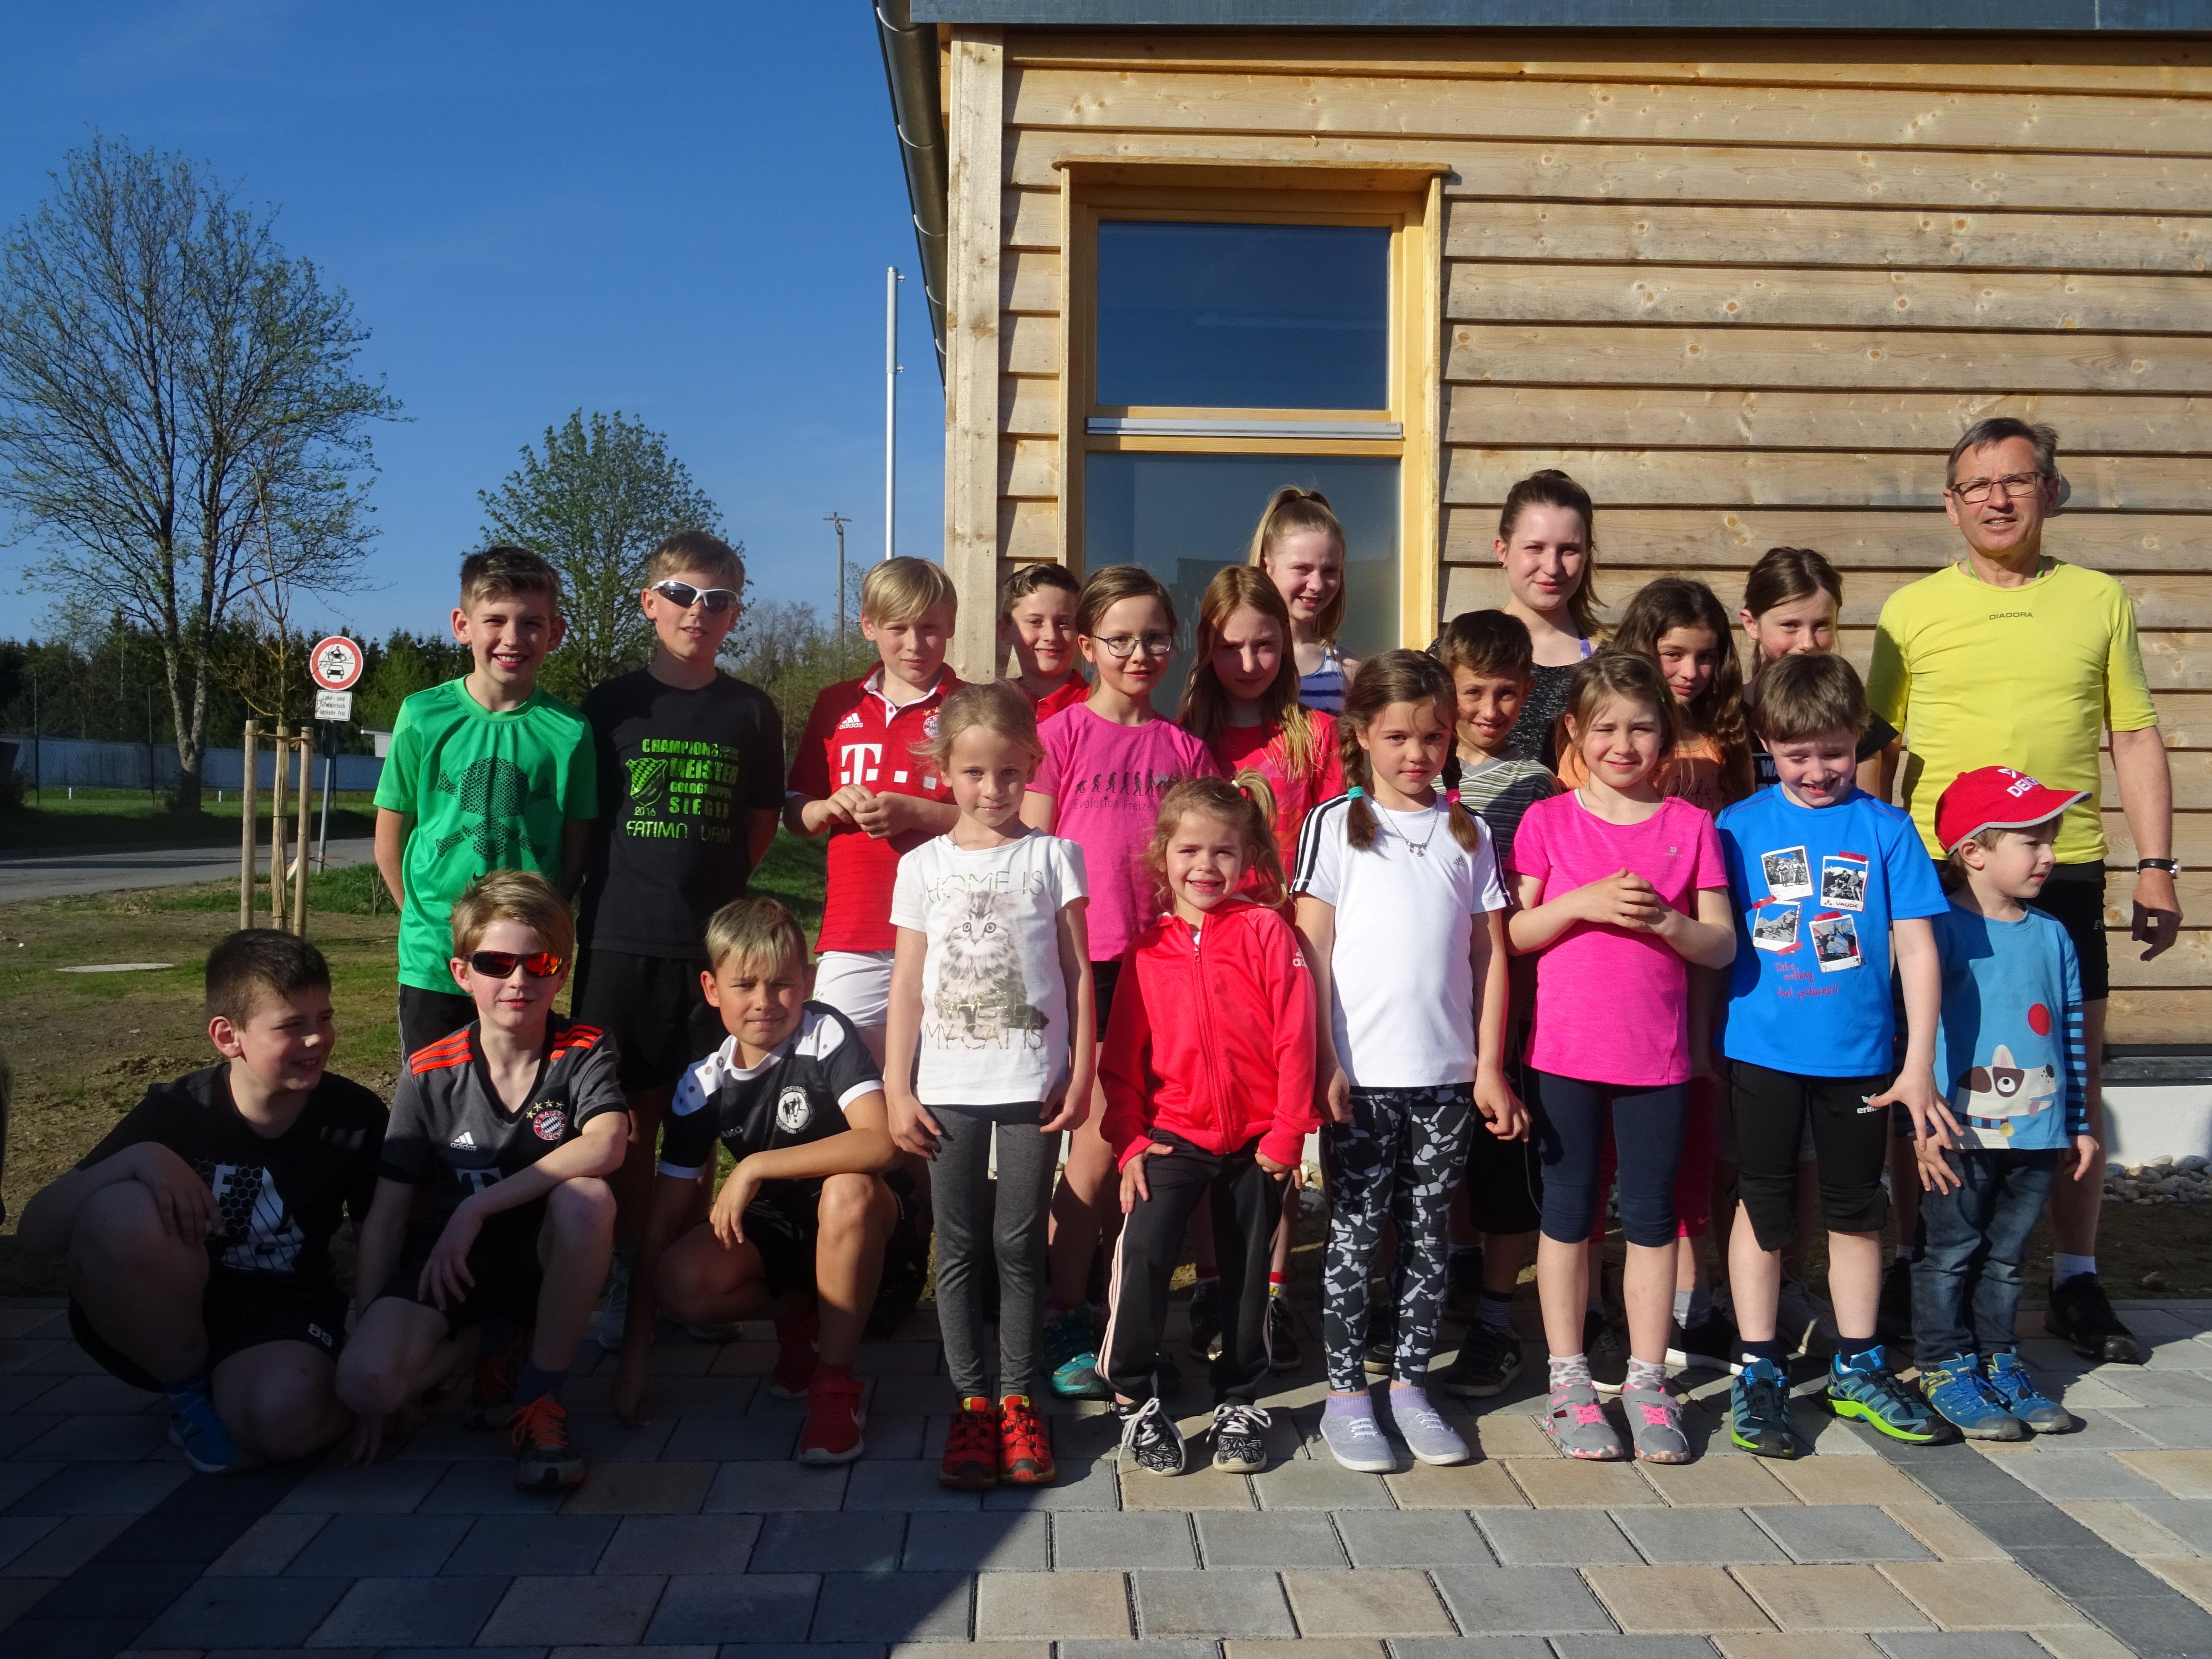 Gleichzeitig zu Lauf10! trainiert auch am Donnerstag die Kindergruppe von Sepp Erhard am Wander- und Loipenzentrum. Foto: Nordic Team Klingenbrunn